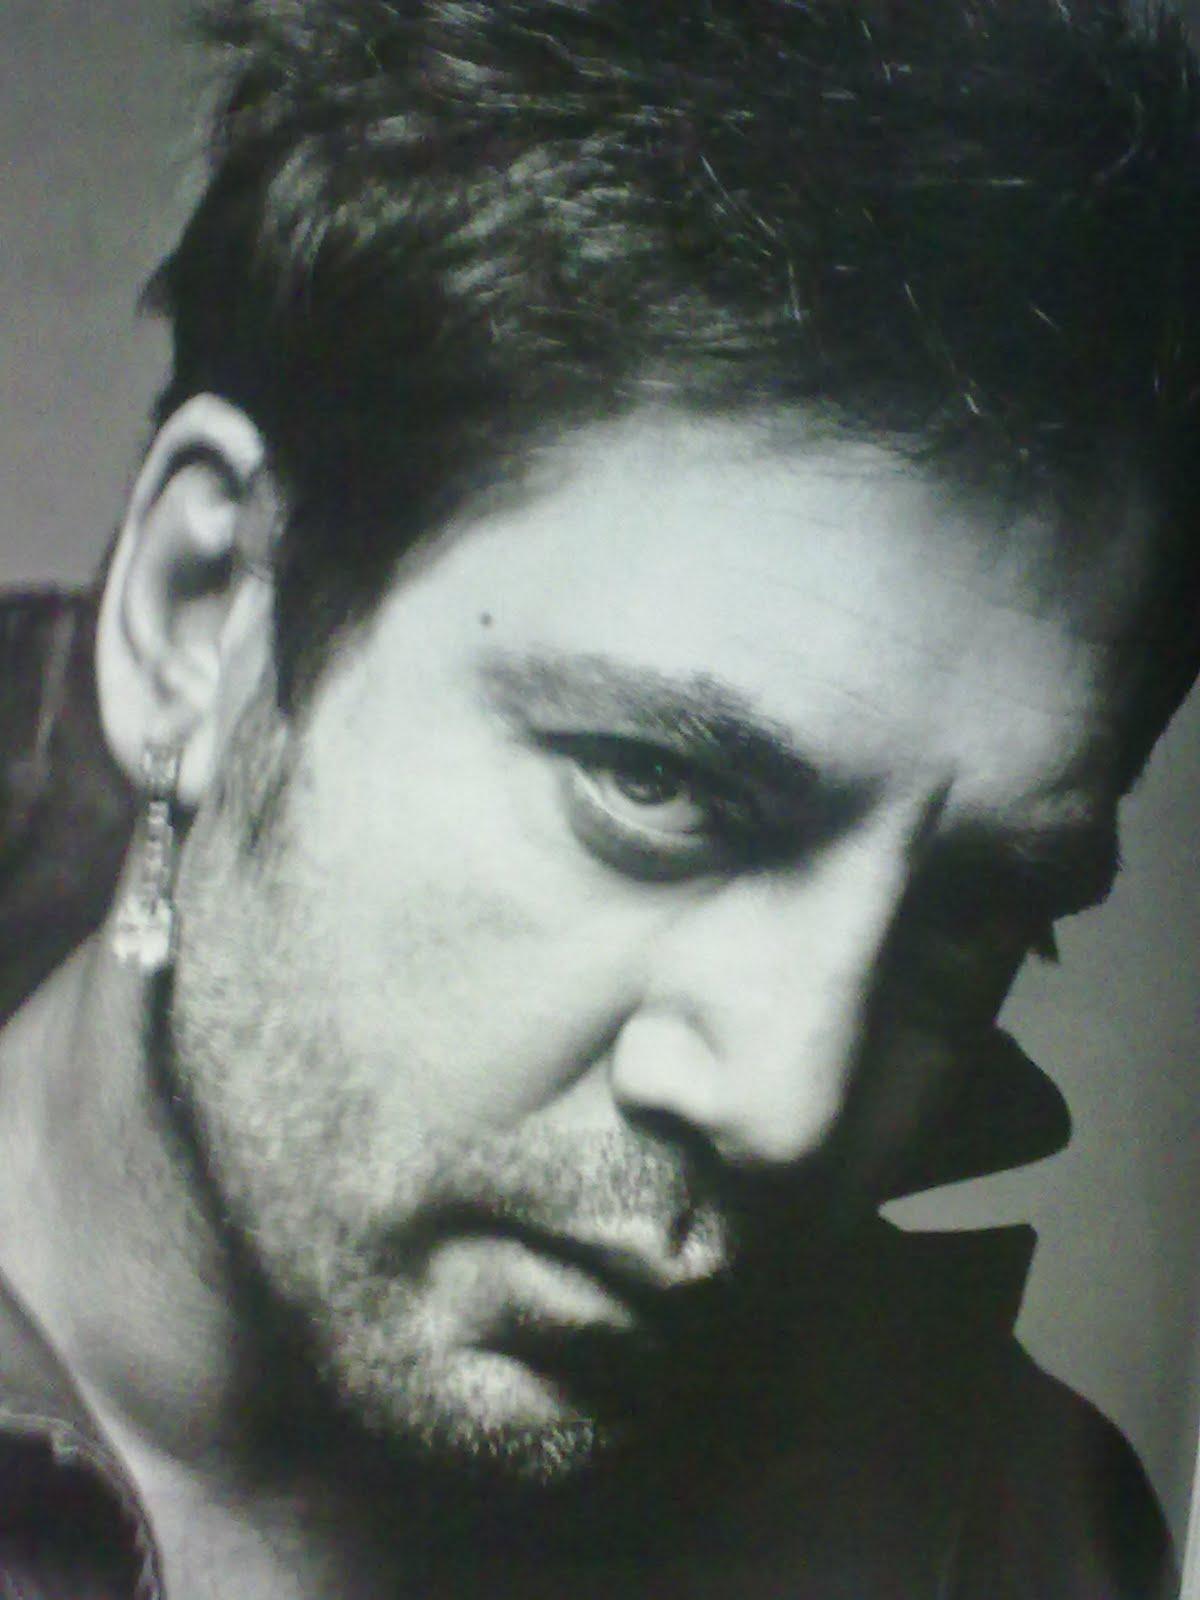 http://3.bp.blogspot.com/-EU9TDQHaC_g/TWQkHLEg7XI/AAAAAAAACGg/7kscN4cX2a0/s1600/12+W+Magazine+Best+Performances+Javier+Bardem-776344.jpg